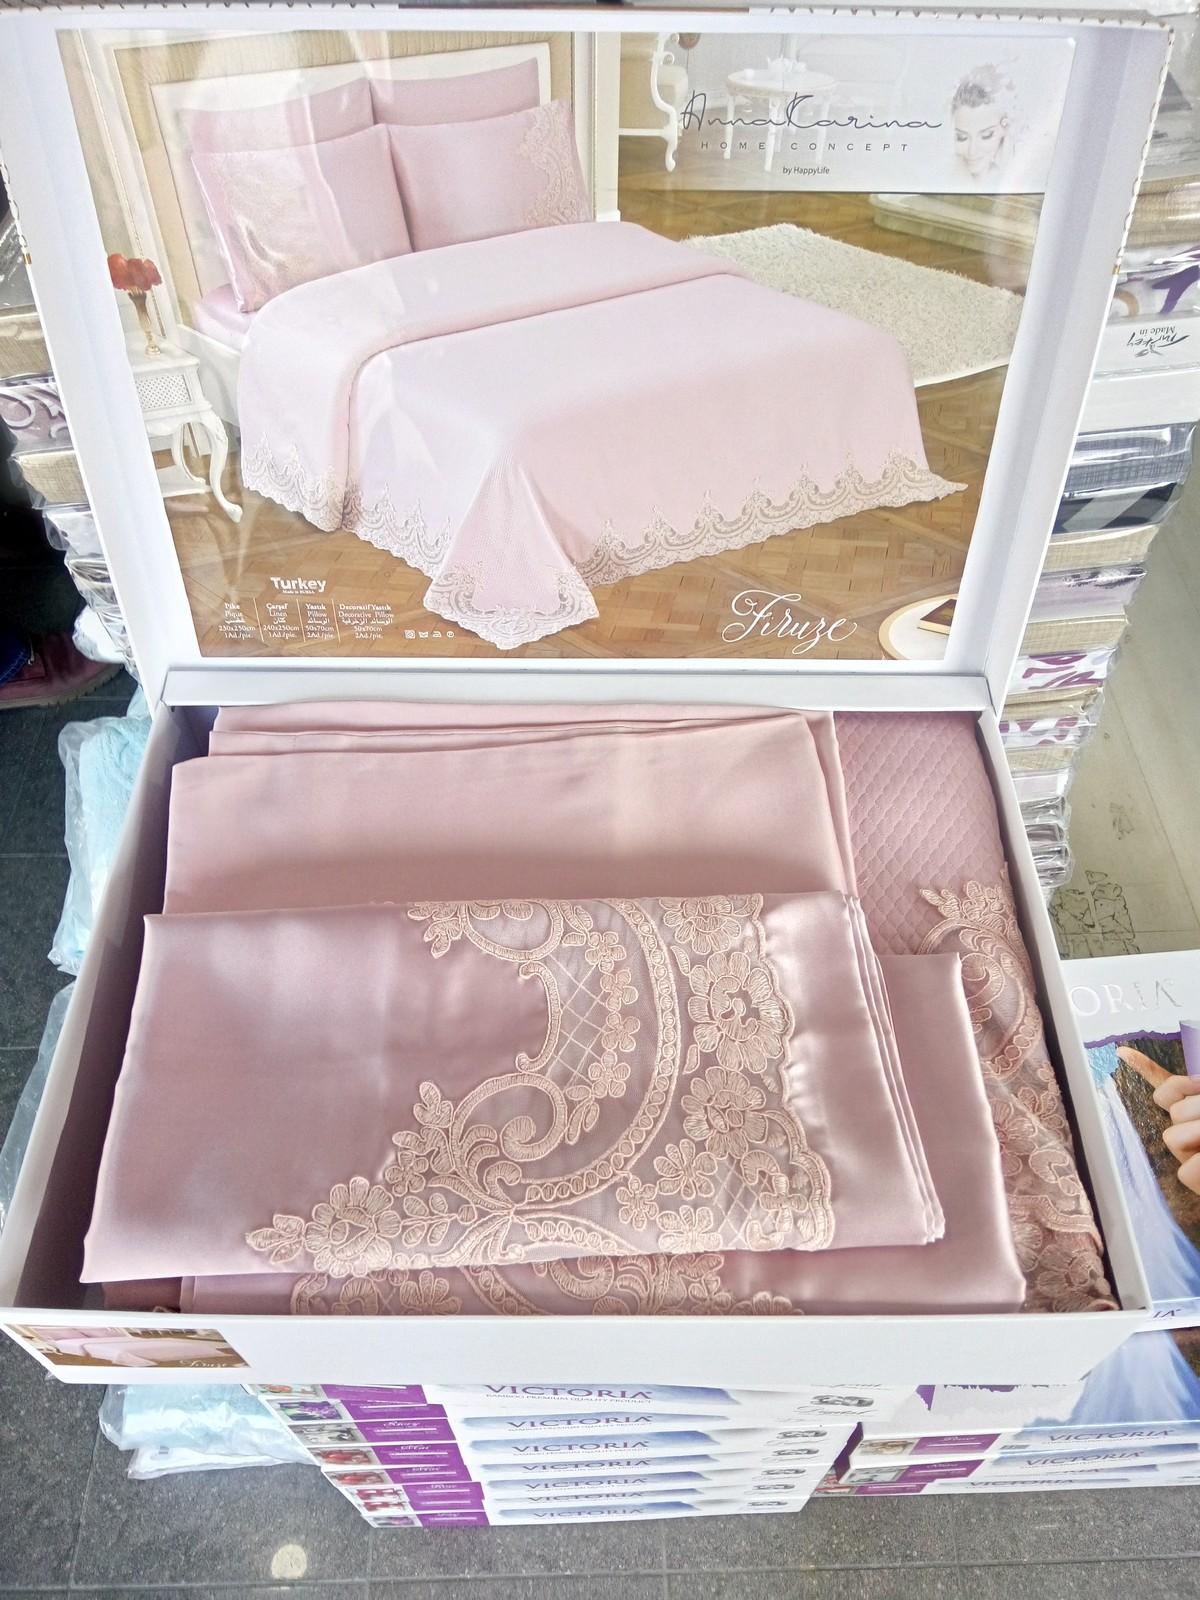 toptan pike takımı satan yerler imalatçı firmalar tekstil